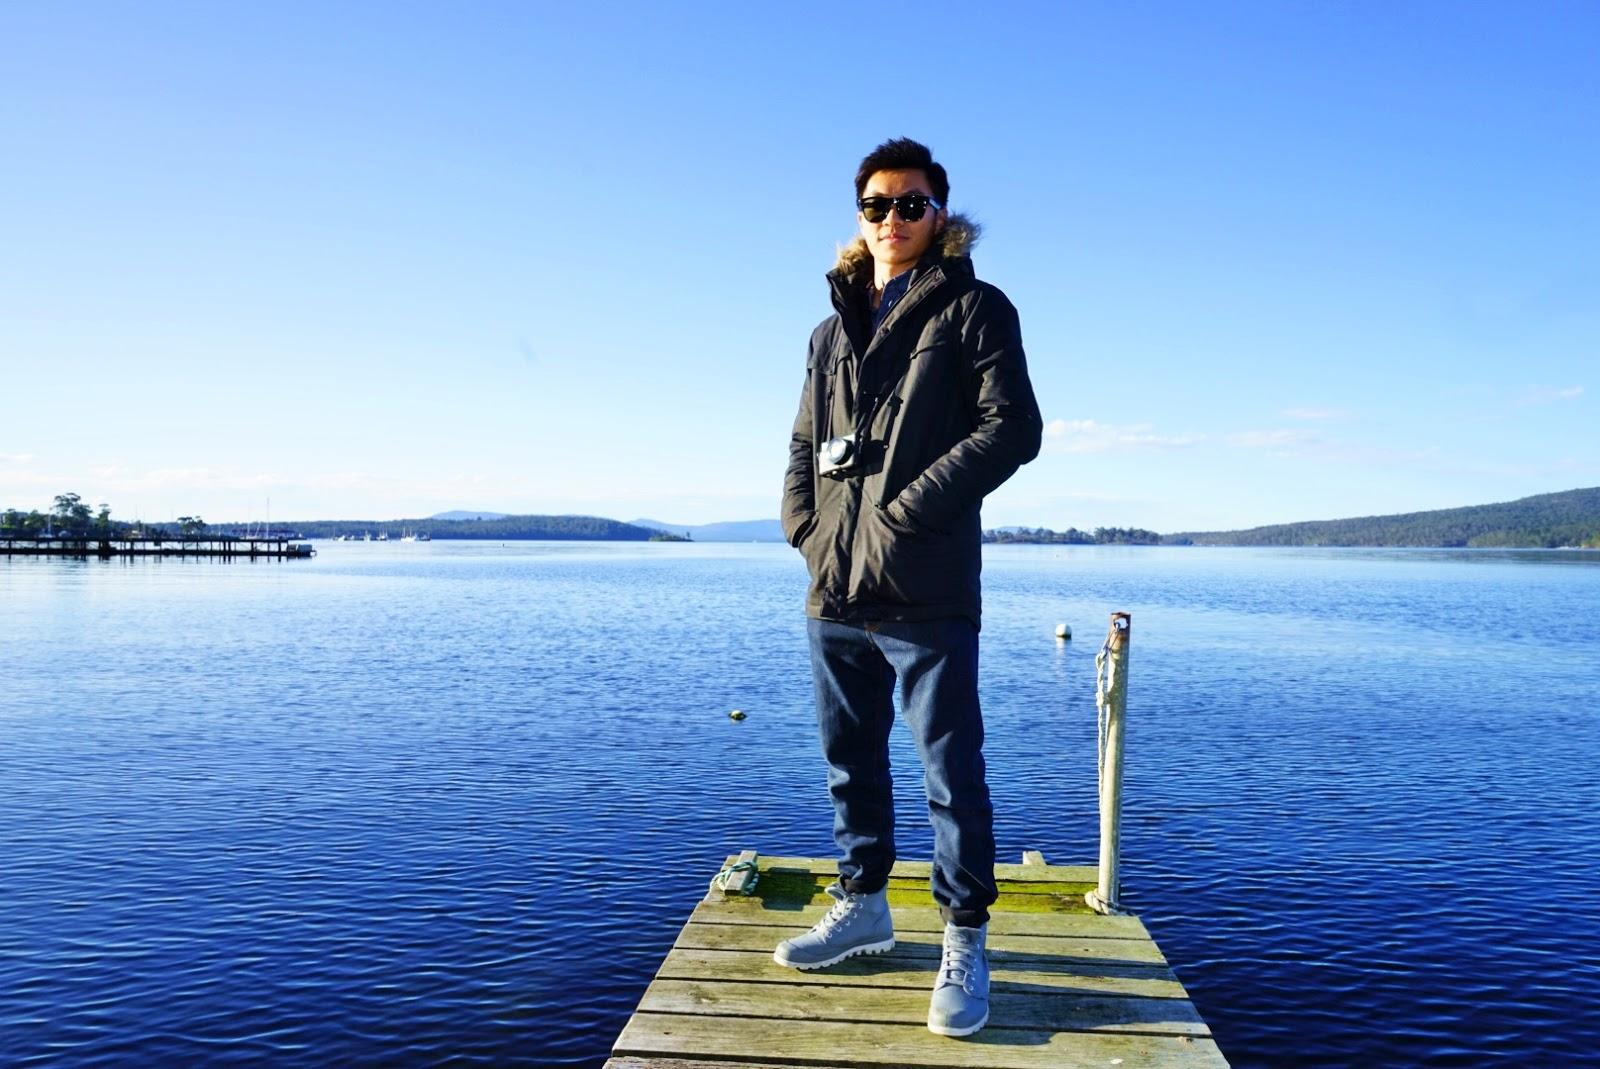 塔斯馬尼亞-南部-景點-推薦-旅遊-自由行-澳洲-Tasmania-Tourist-Attraction-Travel-Australia